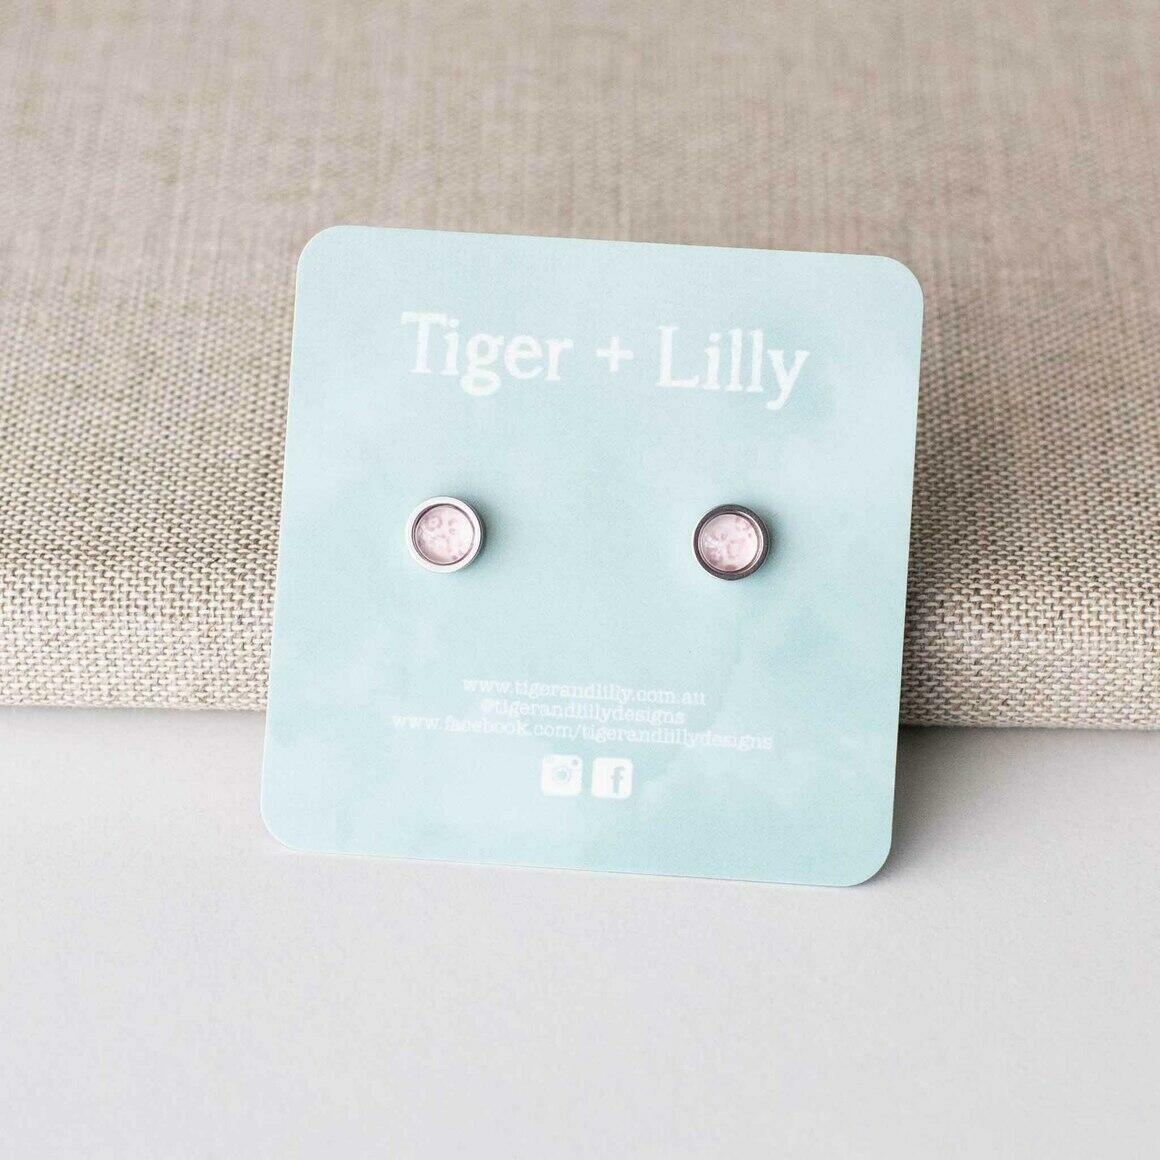 Glitzy Leopard Mini Studs - Stainless Steel | Trada Marketplace